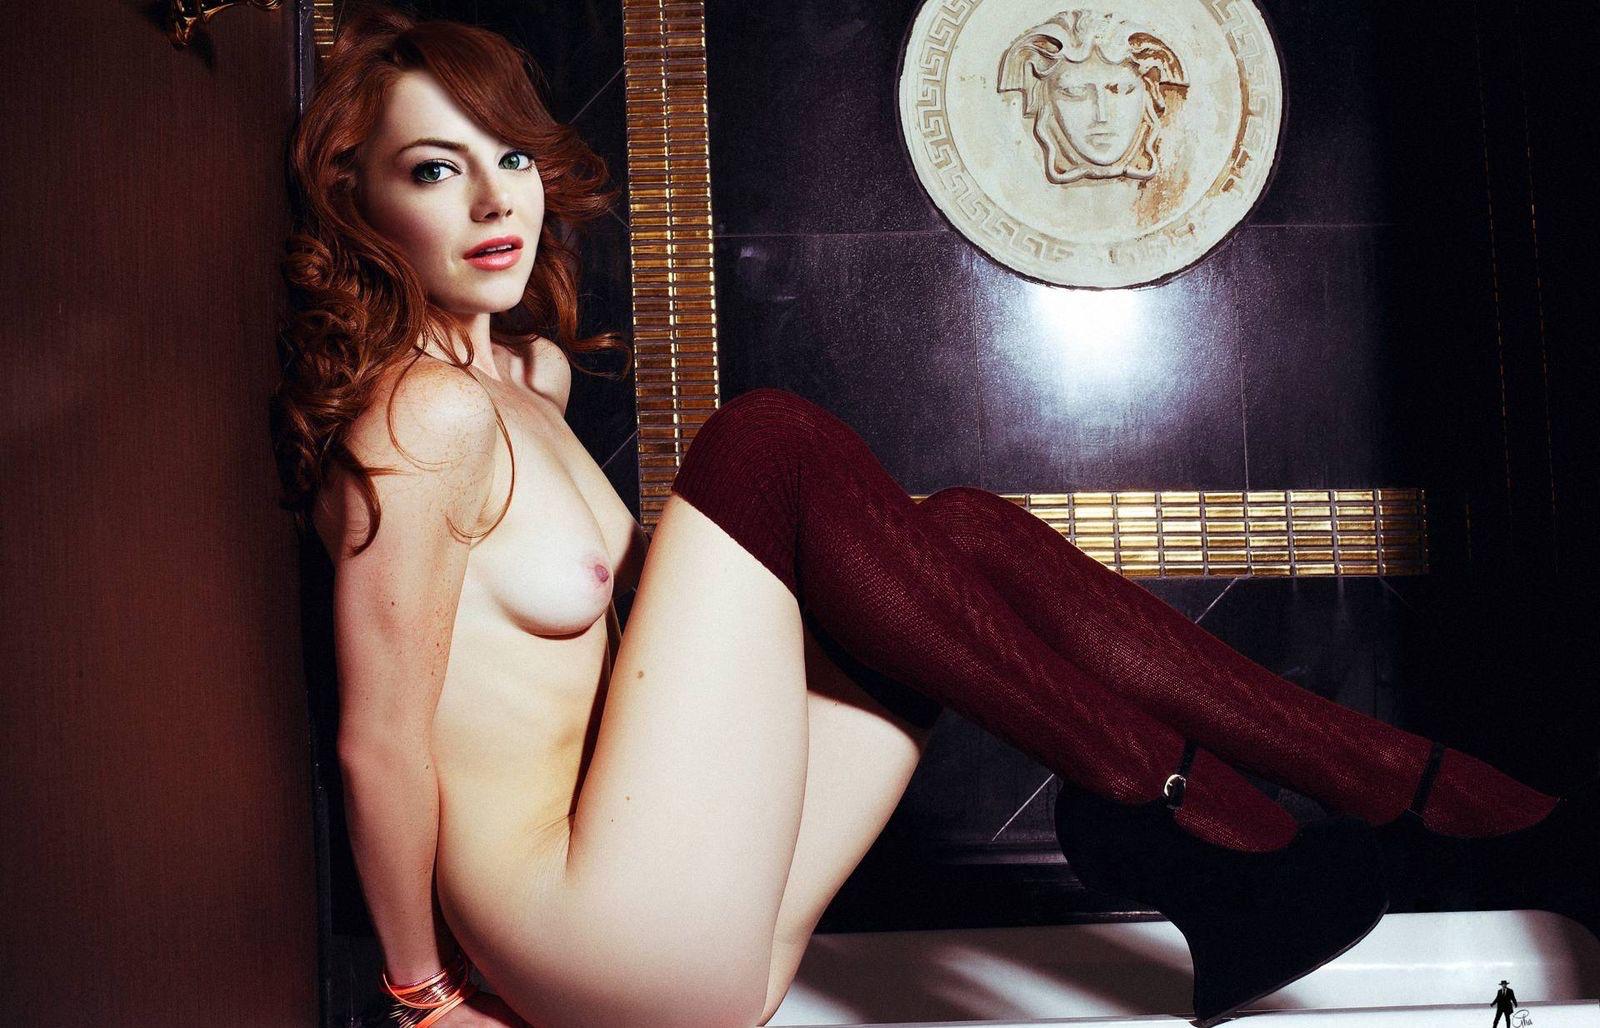 Showing Xxx Images For Wwe Emma Big Tits Xxx  Wwwfuckpix -5781